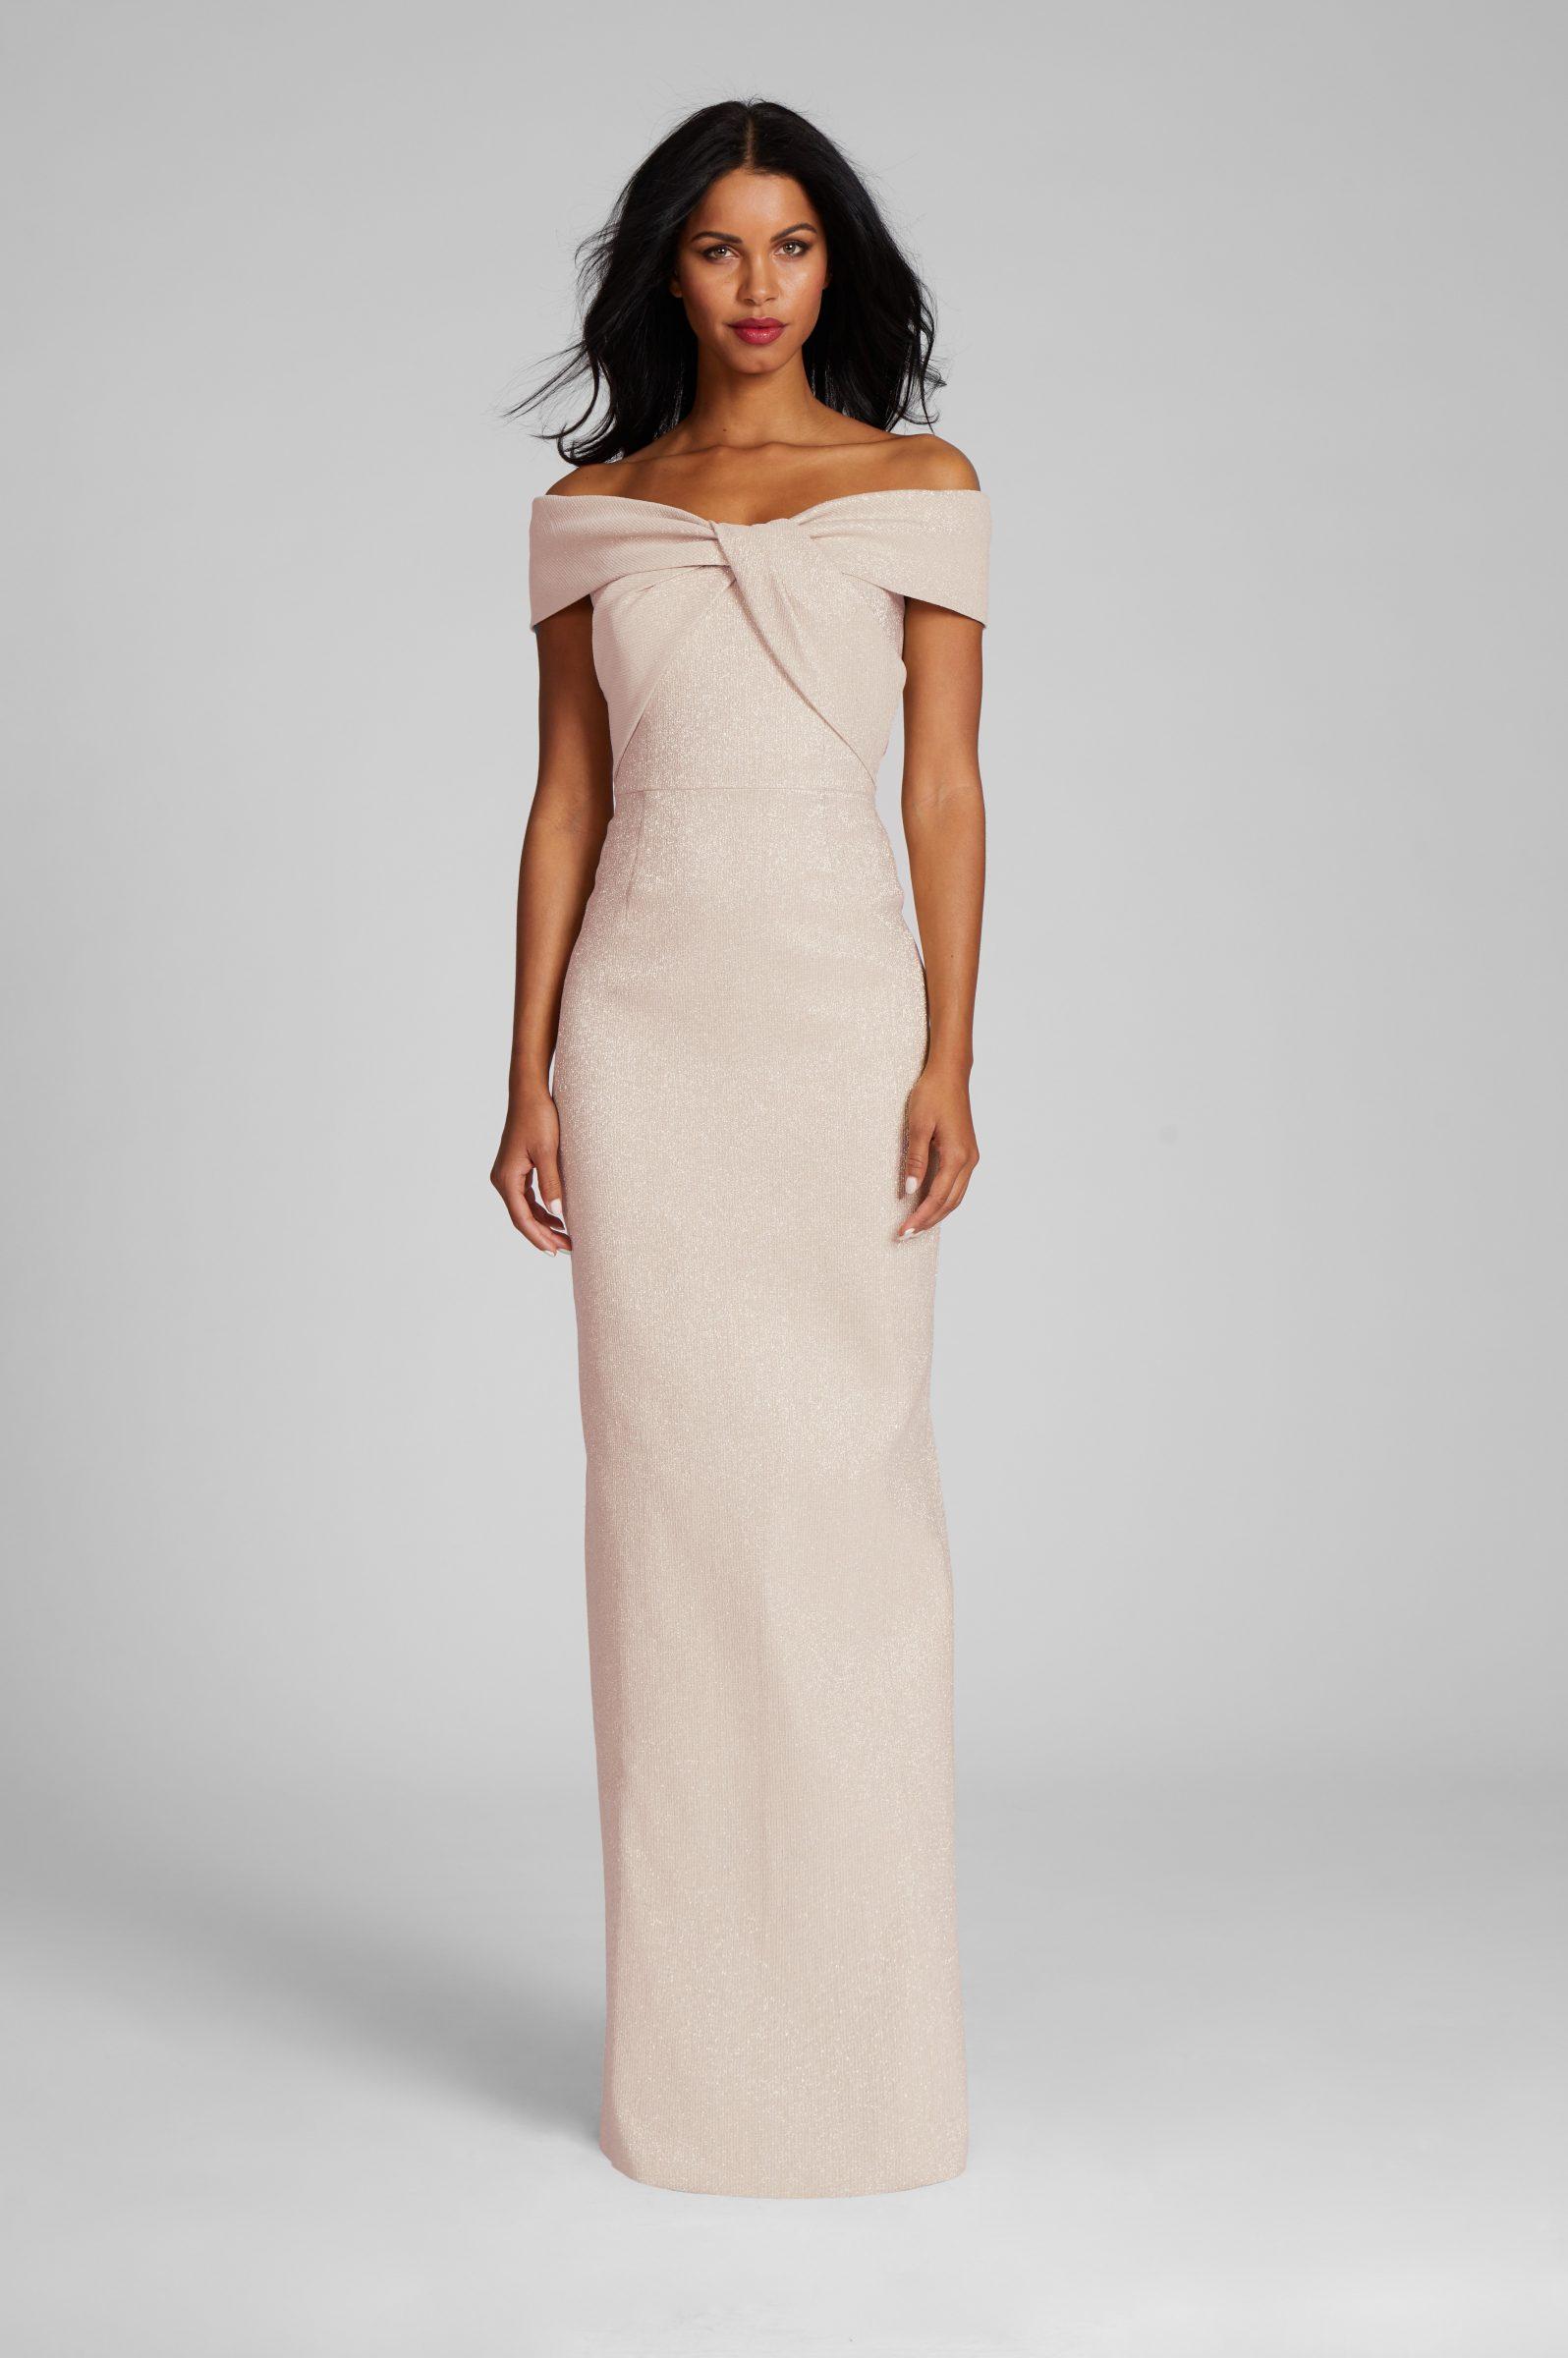 Rose gold off-the-shoulder mother of the bride dress